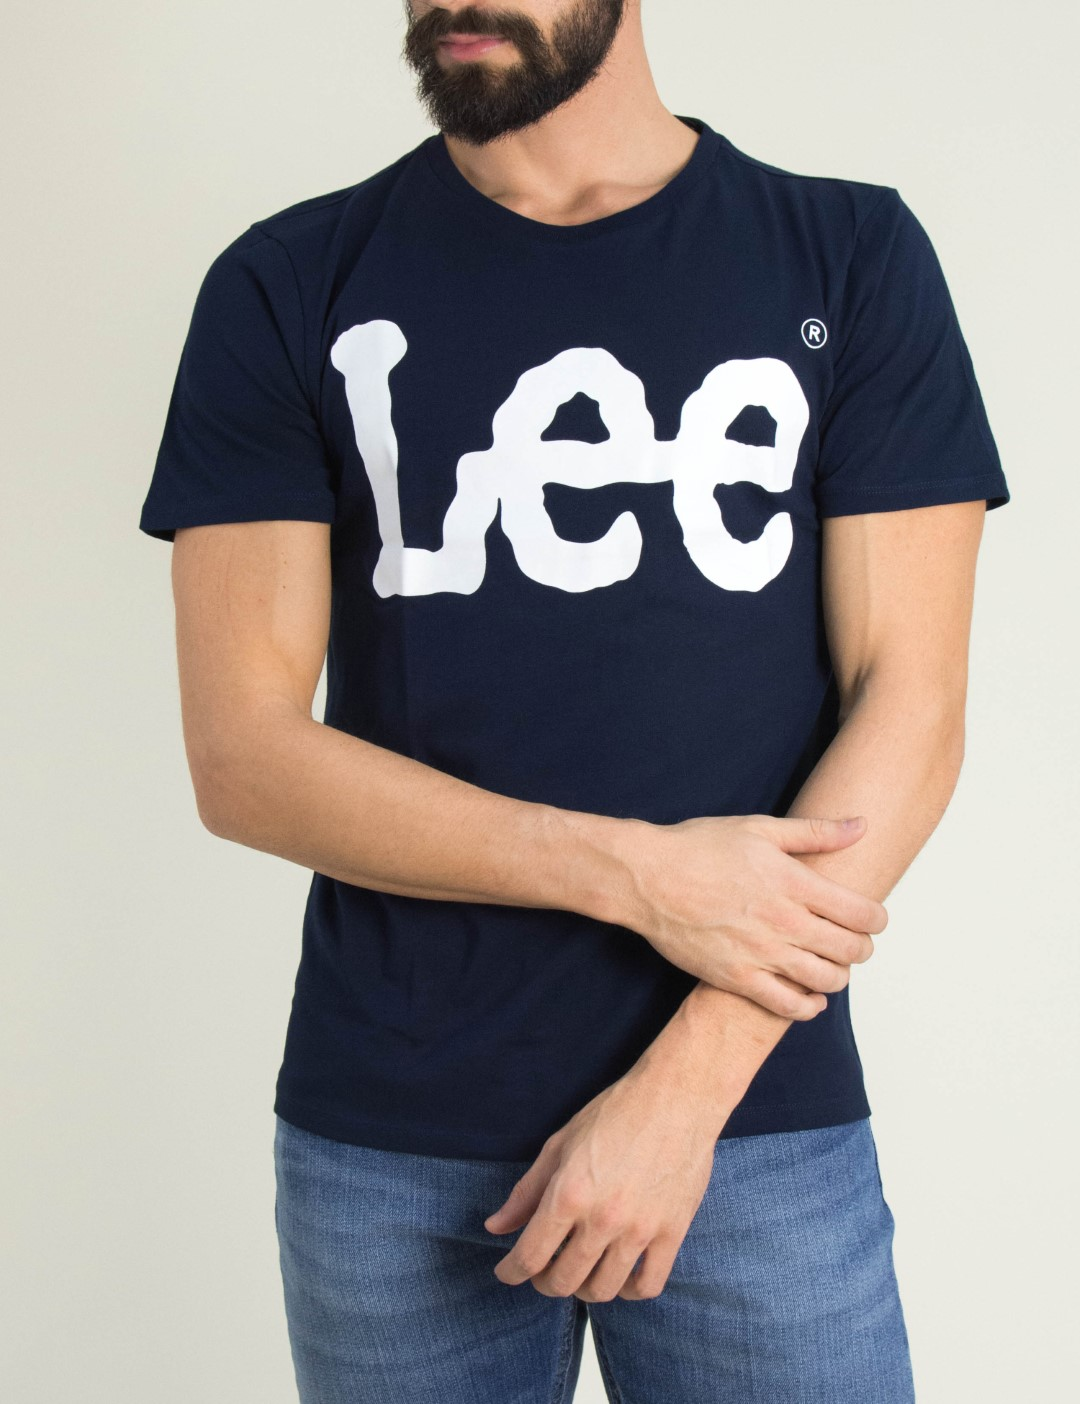 Ανδρική μπλε κοντομάνικη μπλούζα Lee λογότυπο L62AAIEE bba1e1fcd9a